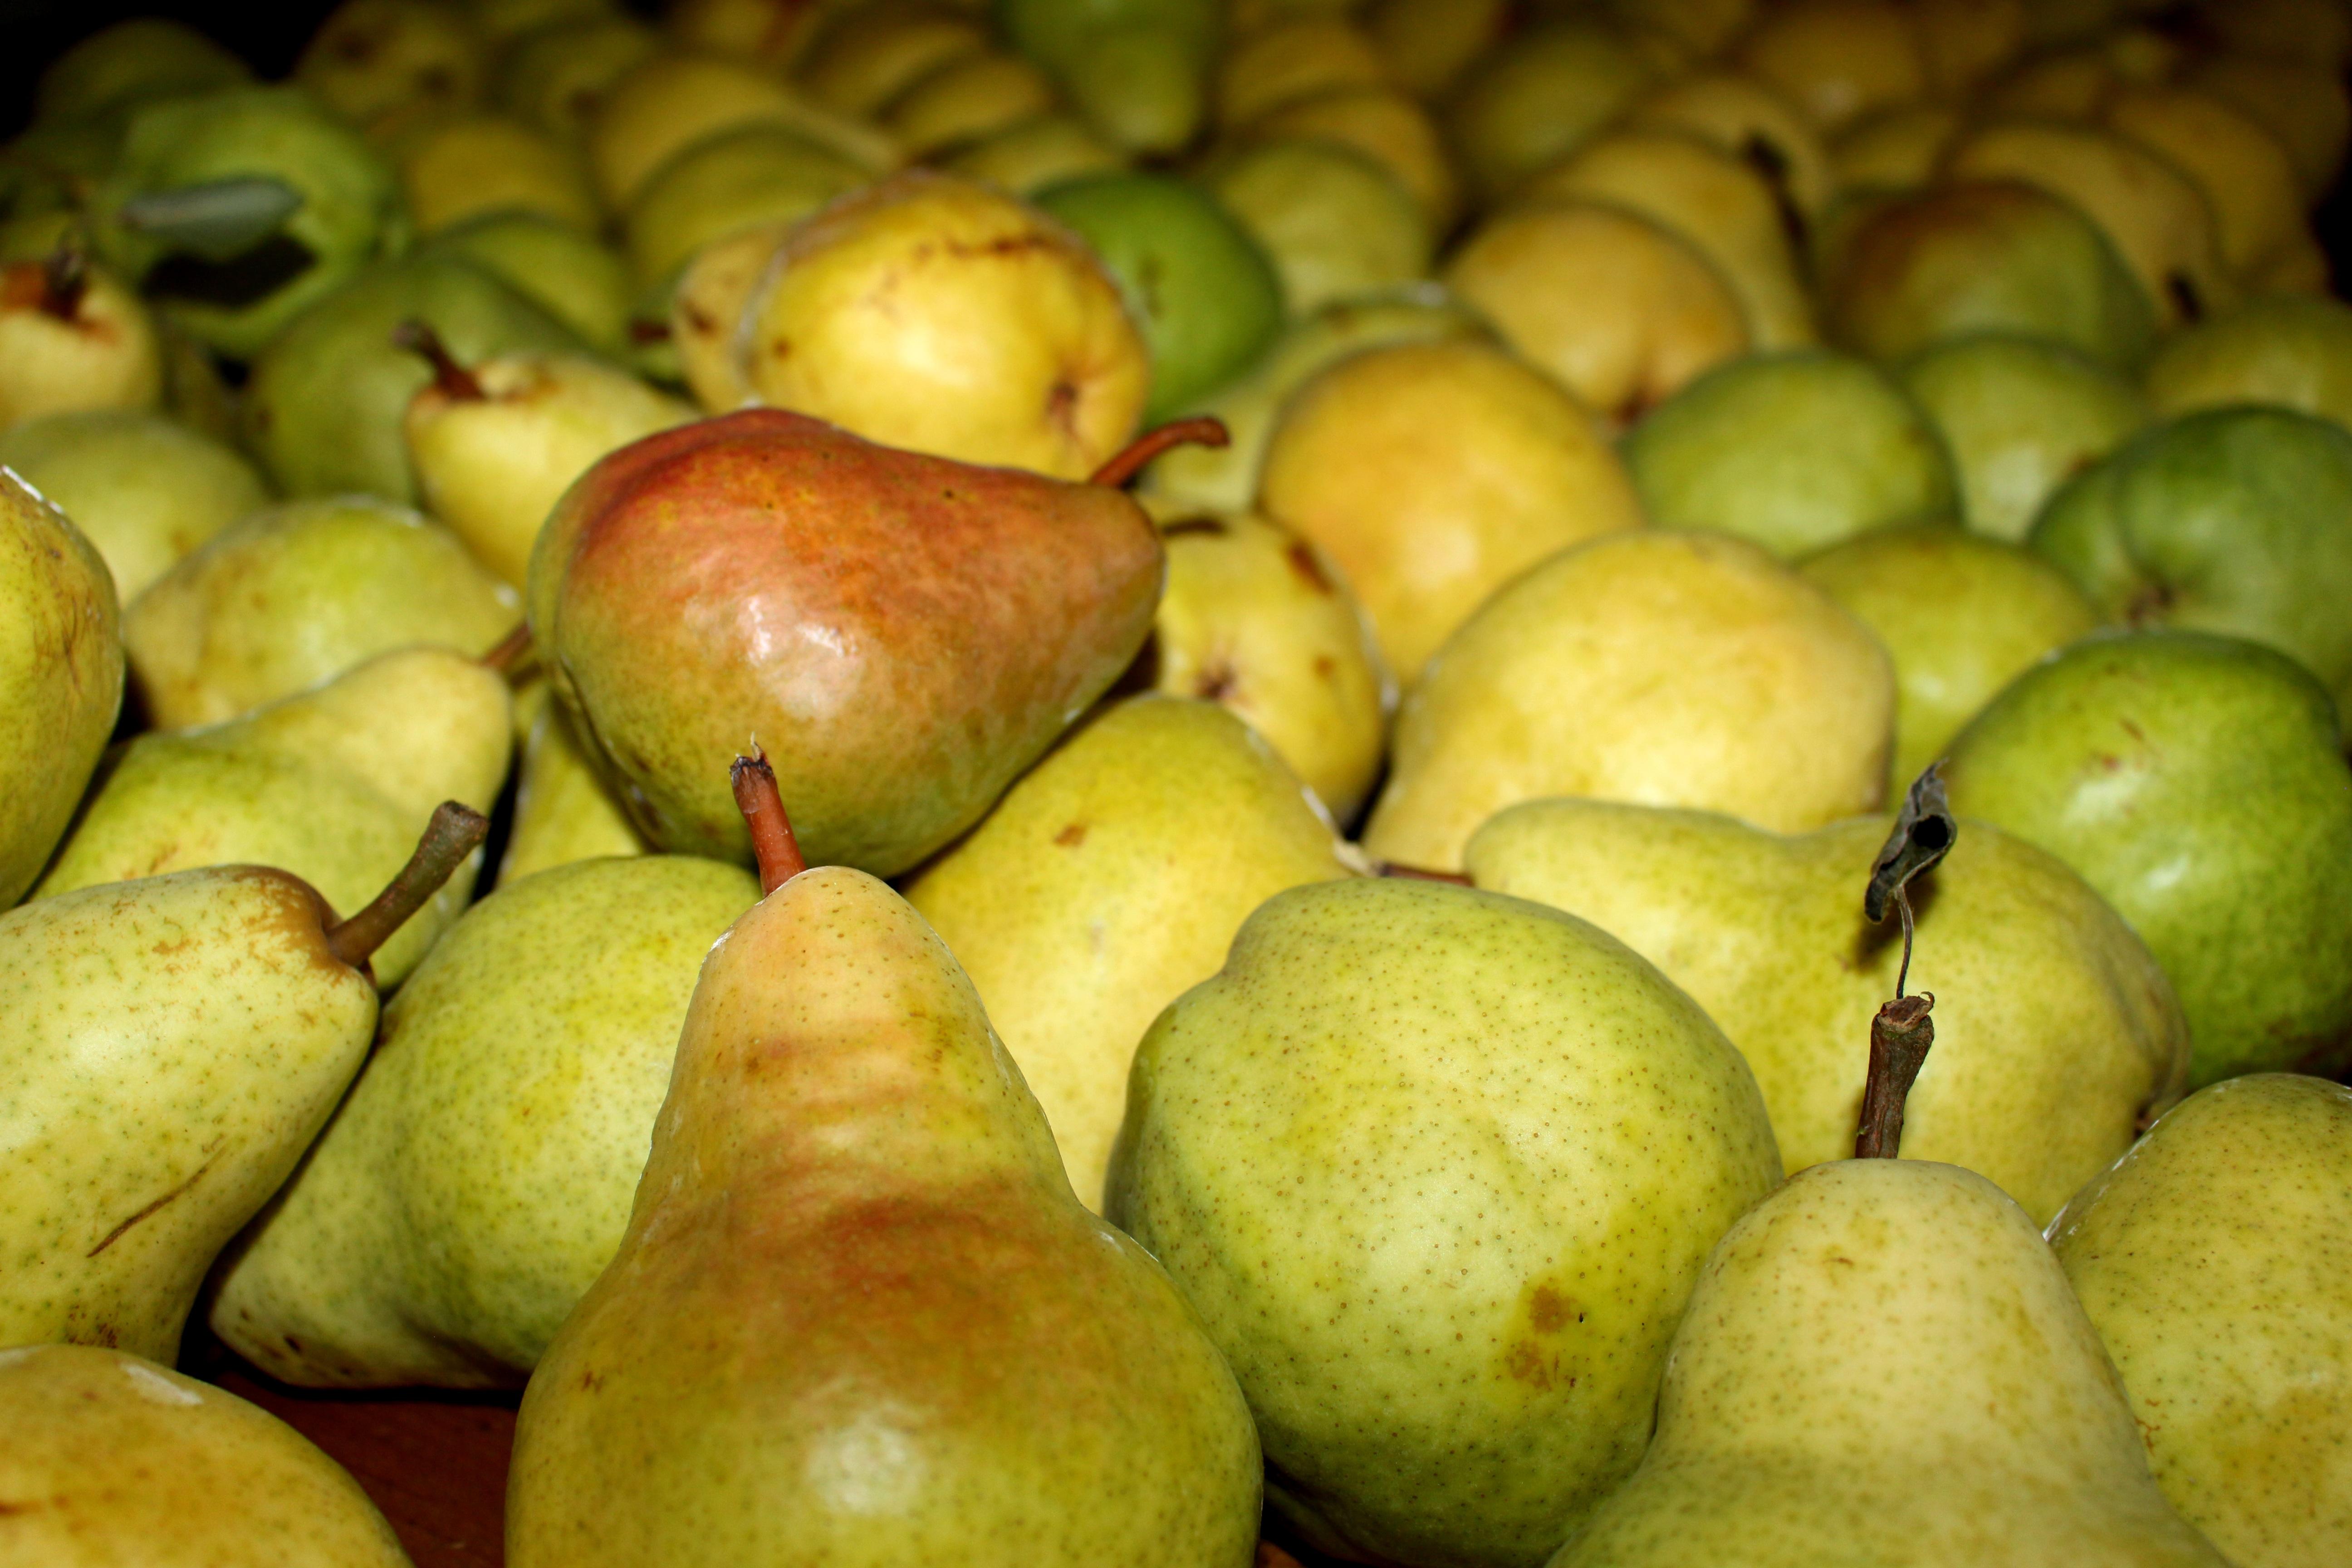 hình ảnh : táo, thiên nhiên, thực vật, trái cây, Vườn cây, mùa hè, món ăn, Mùa xuân, màu xanh lá, Sản xuất, tự nhiên, tươi, vườn, Lê, Phong phú, ...